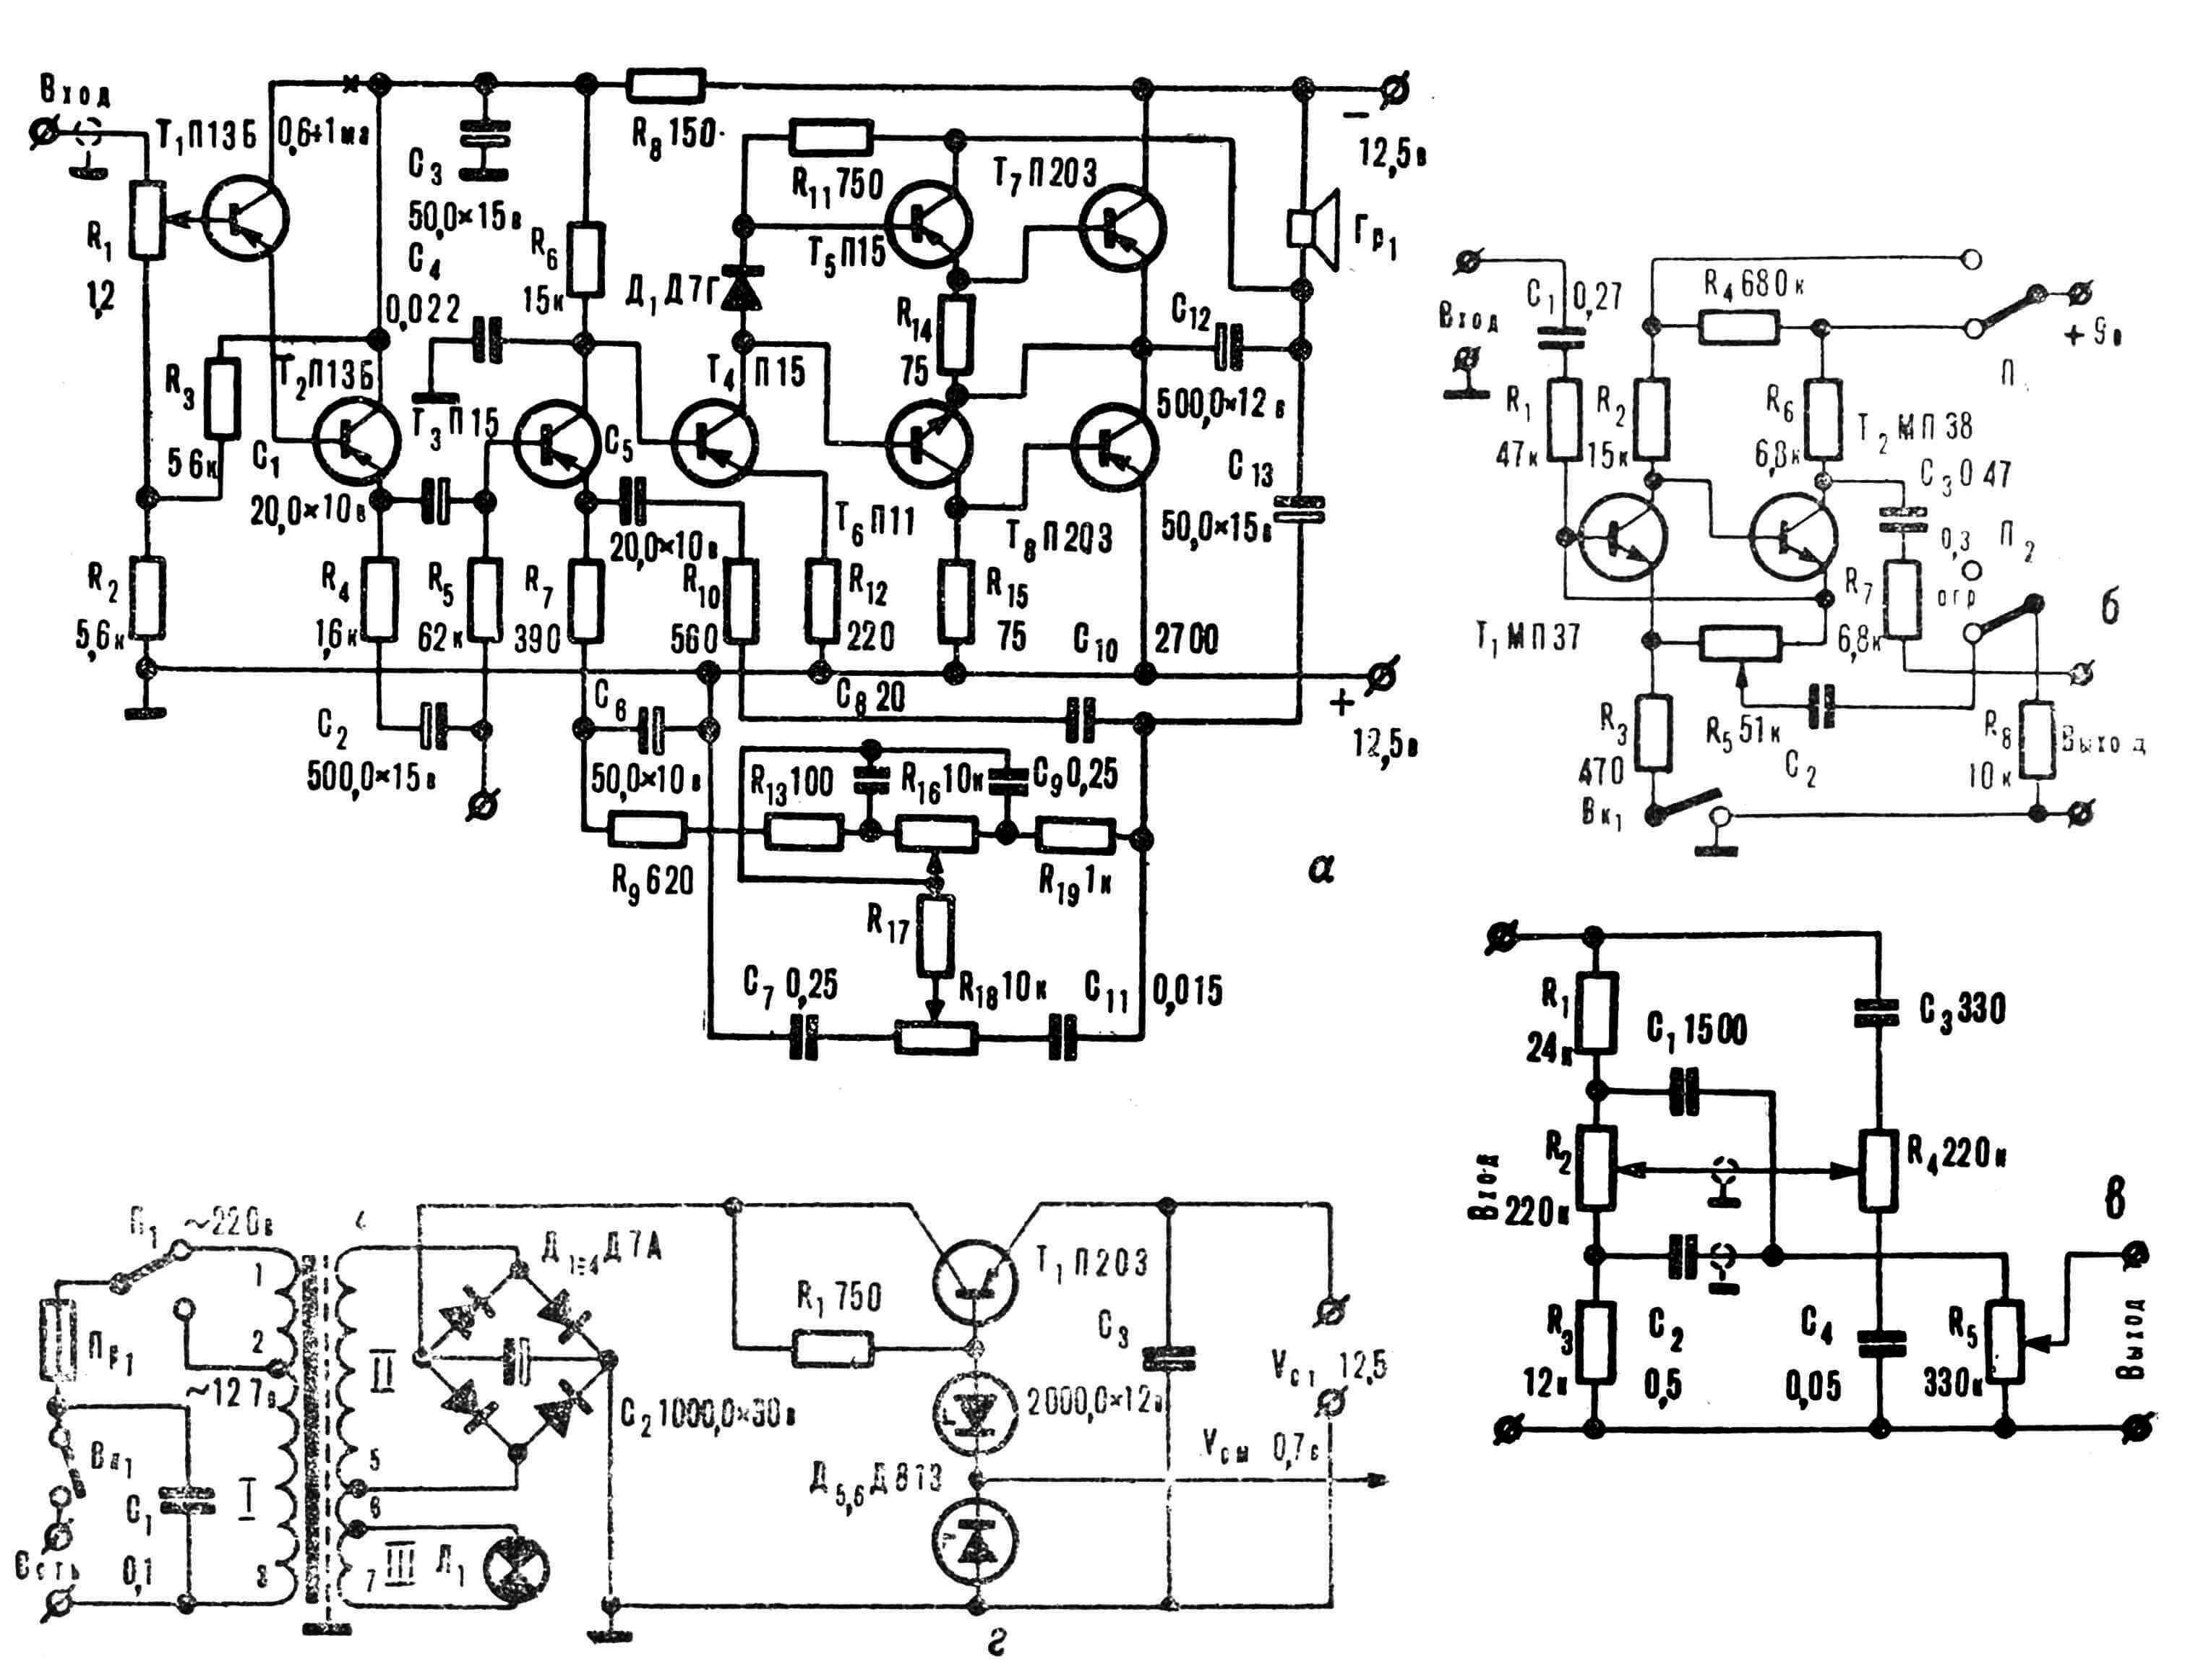 Рис. 13. Электрическая схема: а — УНЧ, б — предварительный усилитель (ОЗ — обычное звучание, ОГР — ограничение), в — темброблок, г — стабилизированный выпрямитель.